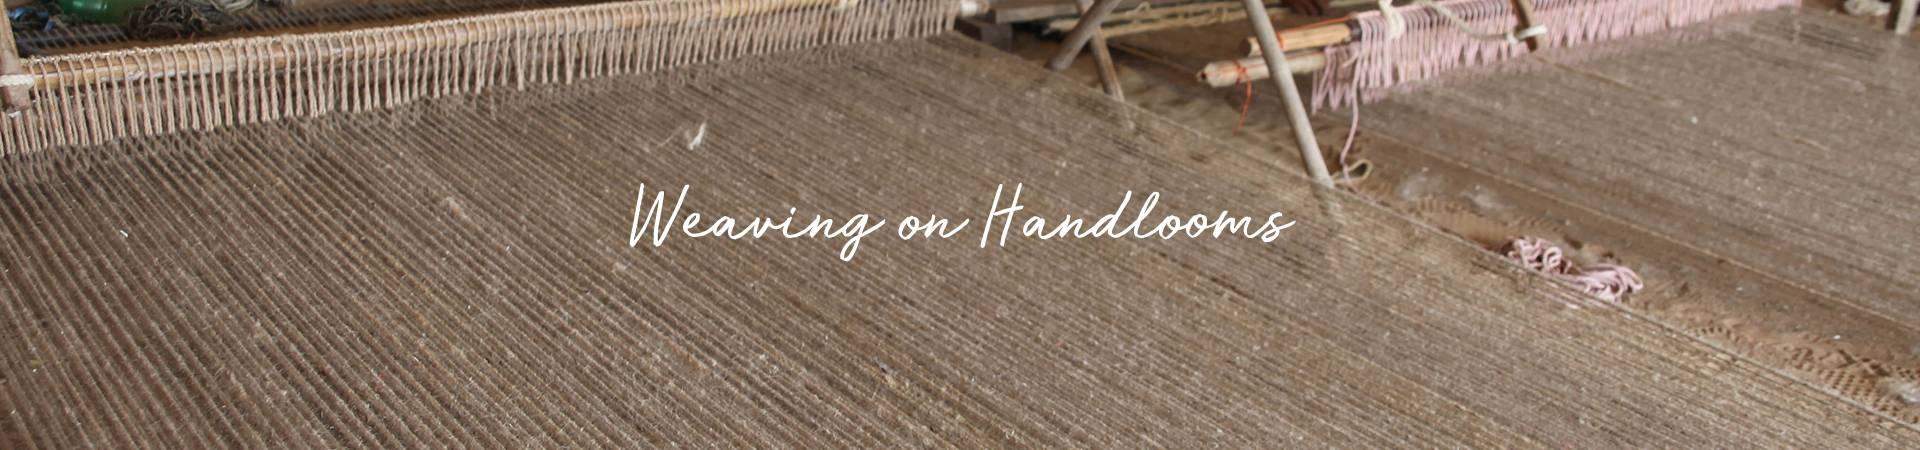 Nkuku_Weaving-on-Handlooms_Header_Desktop.jpg